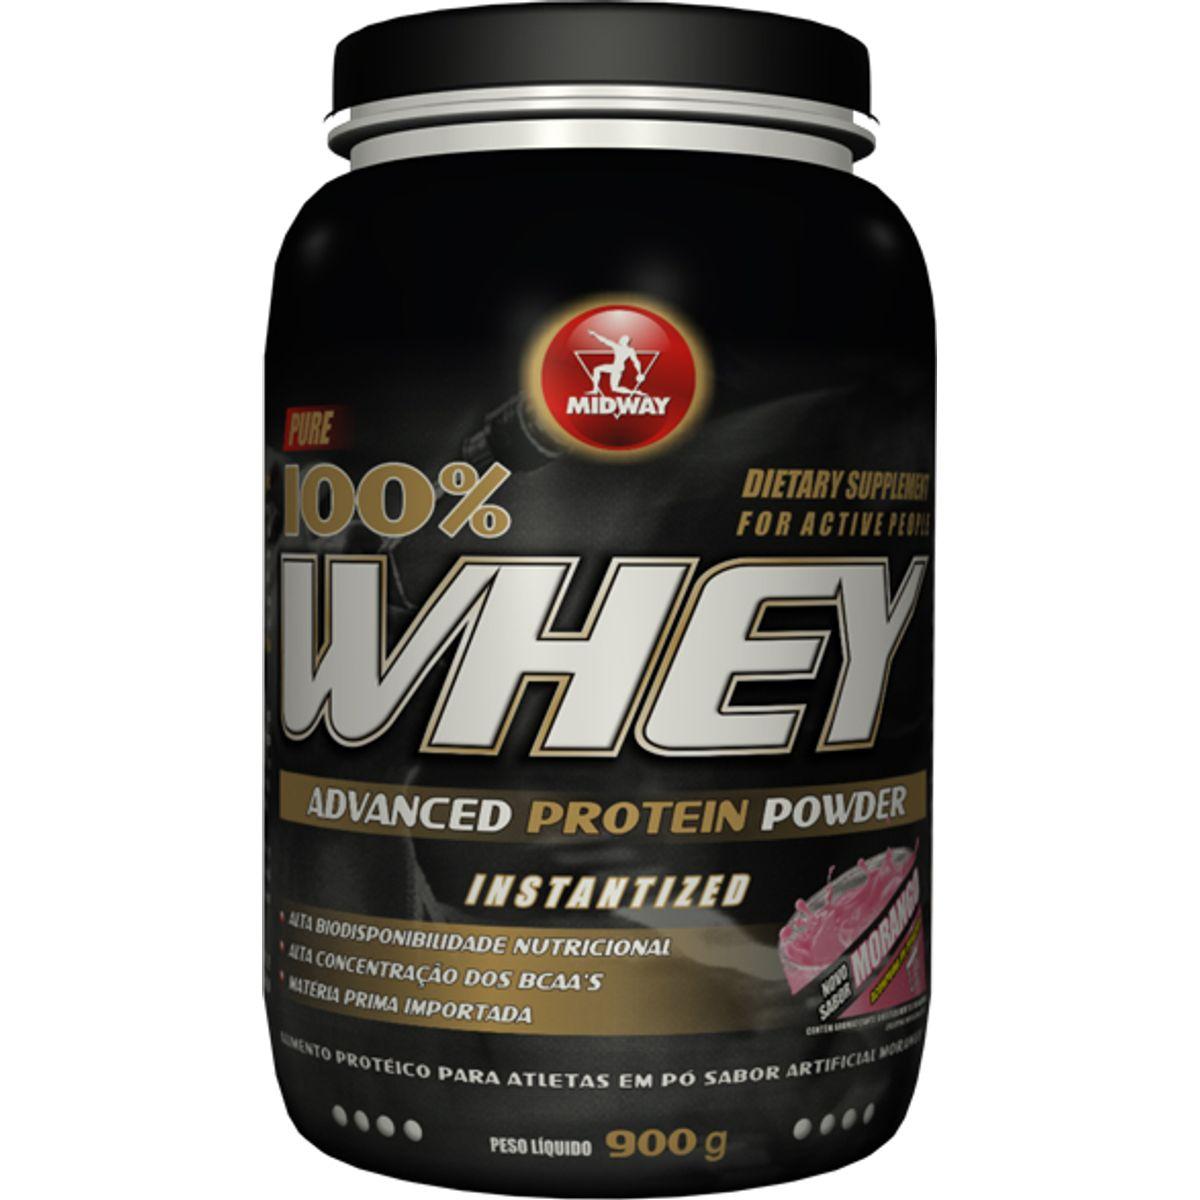 ed70992b1 Whey Protein Advanced Midway Morango 900g - Farmacias Pague Menos